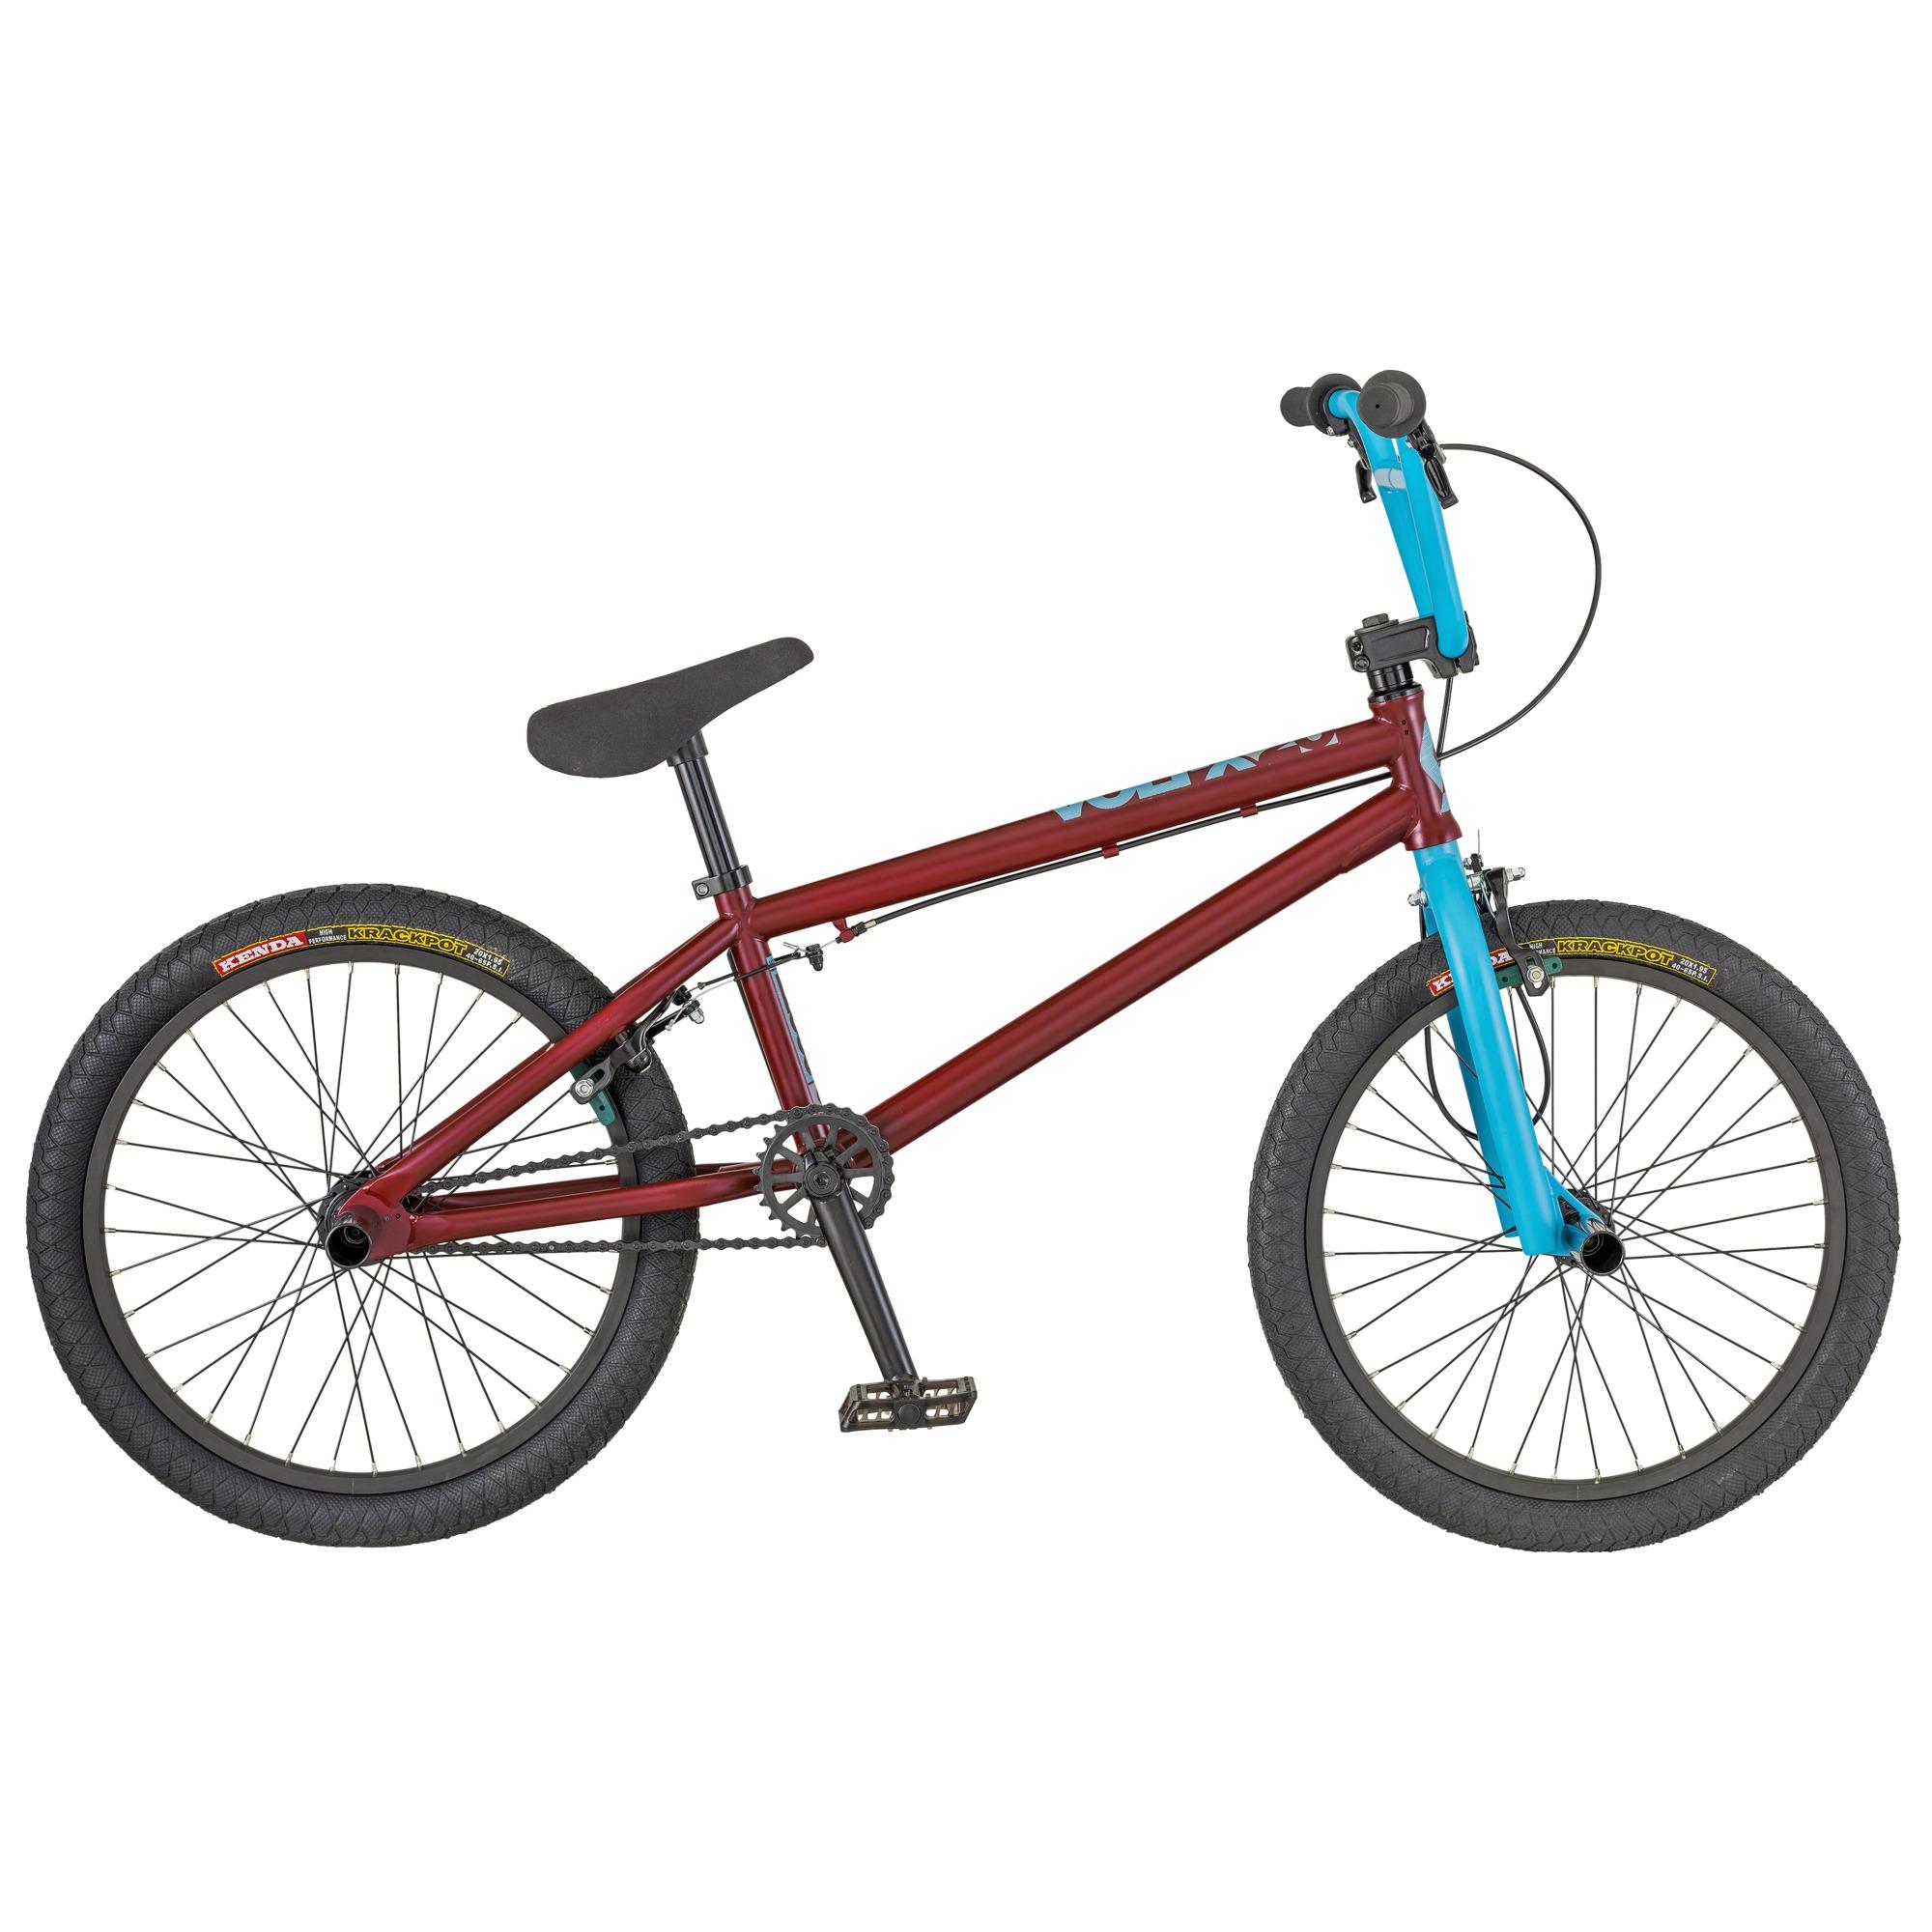 SCOTT Volt-X 20 Bike 20